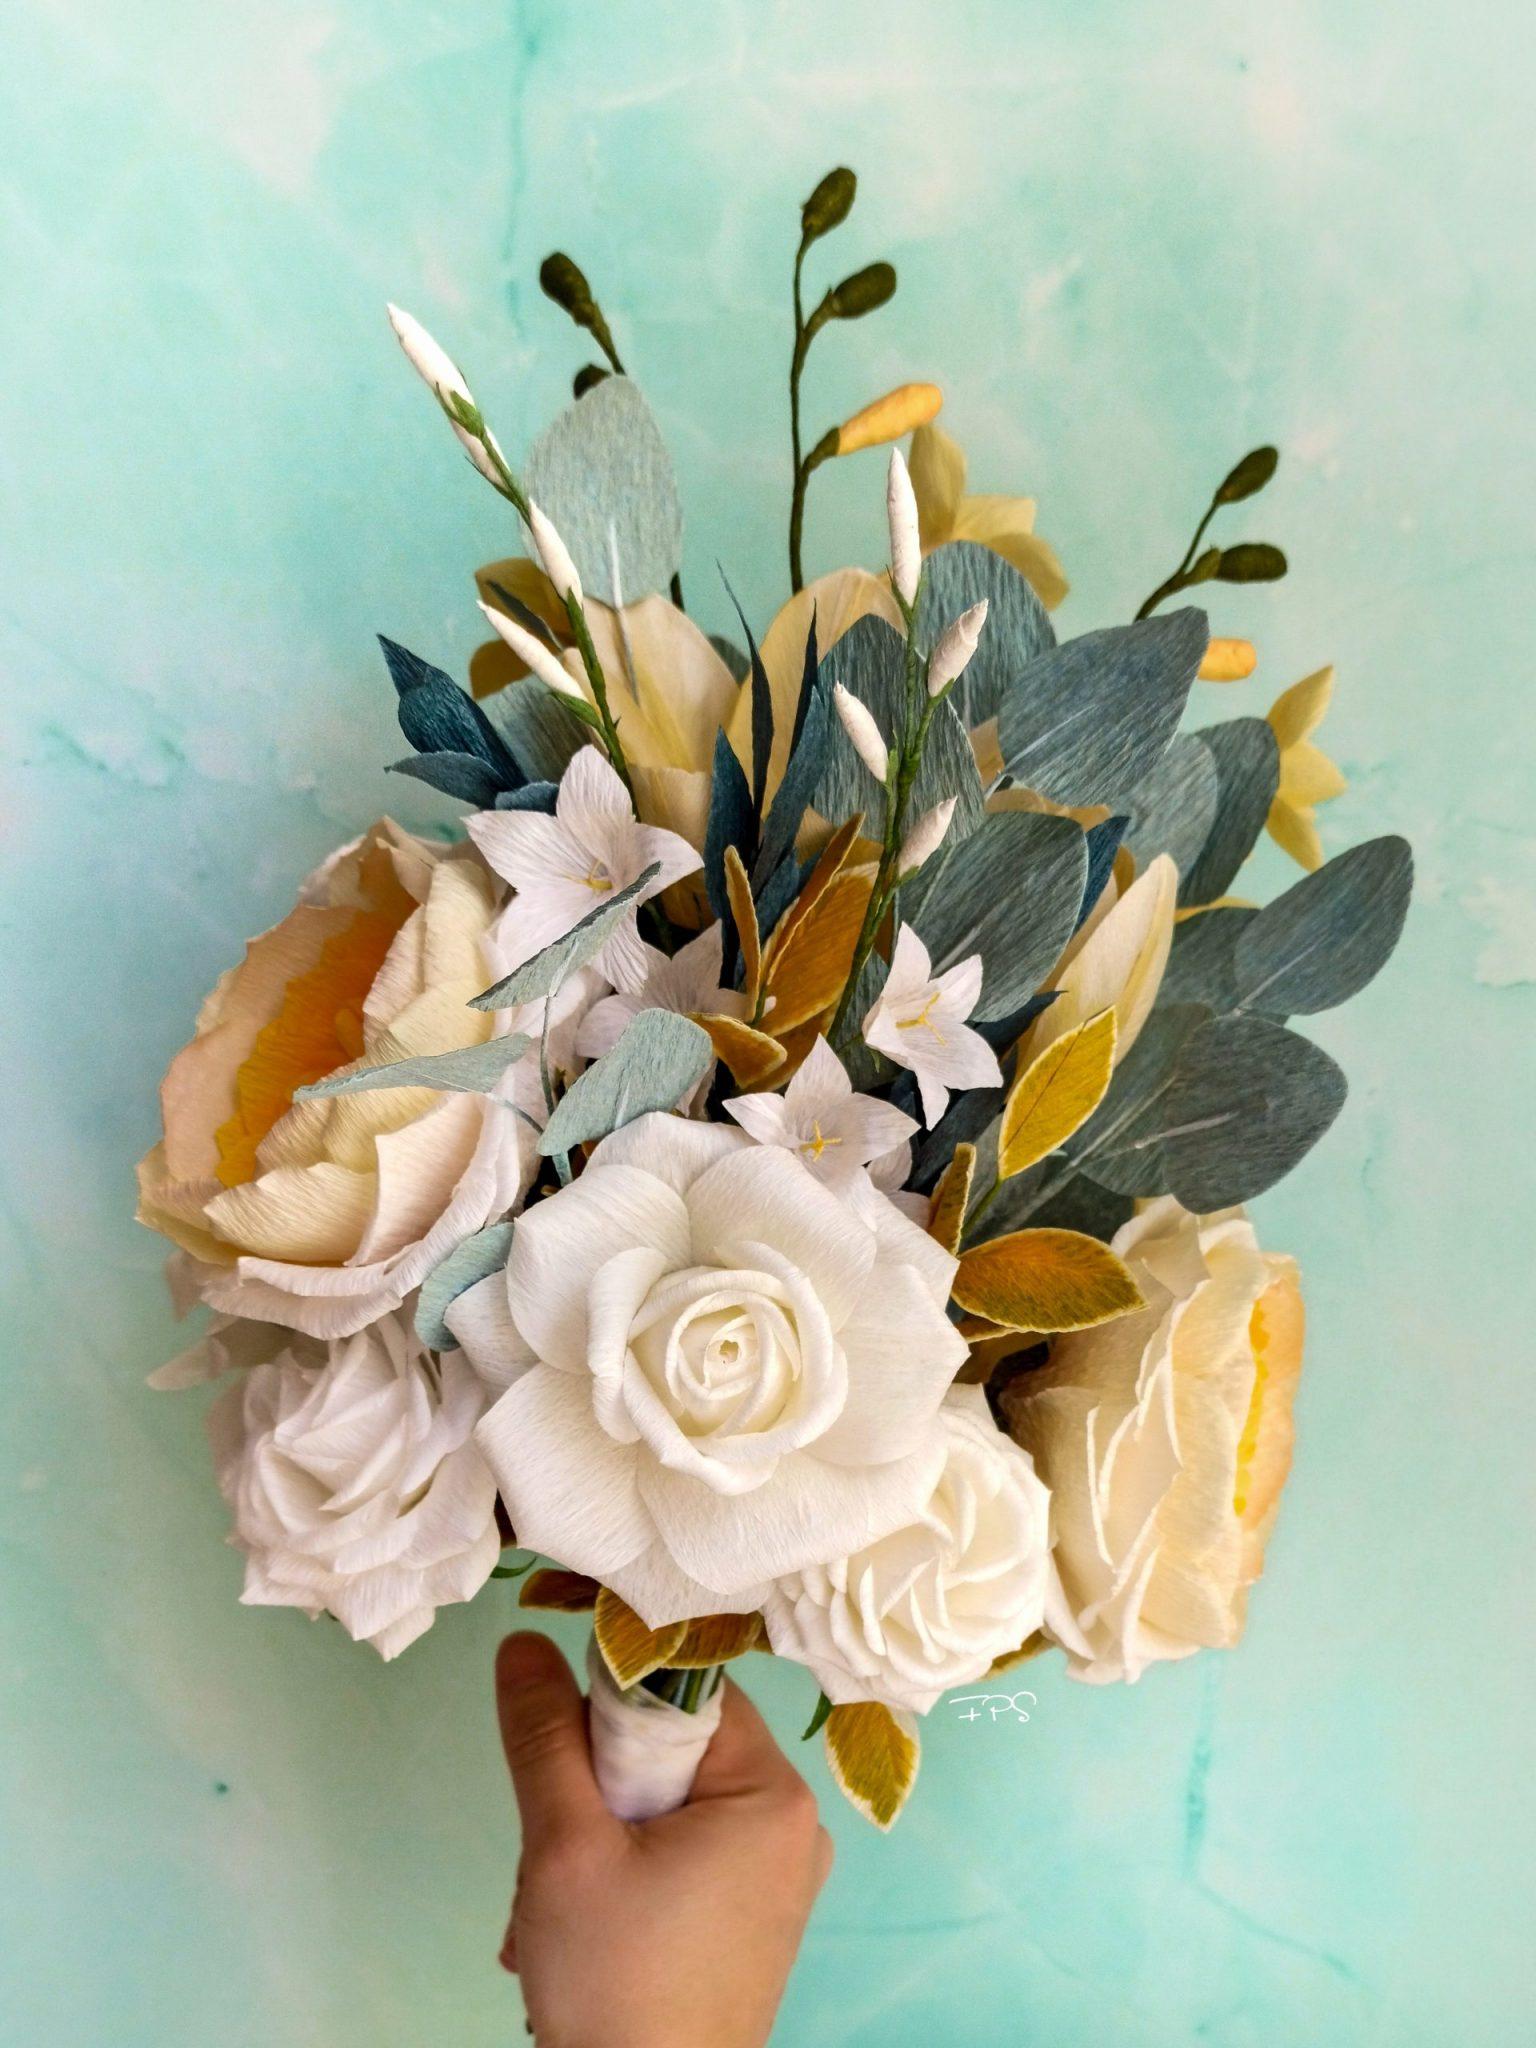 ramo de novia de papel con rosas inglesas amarillas, rosas blancas, y fresias, flores para siempre, flores y ramos de papel